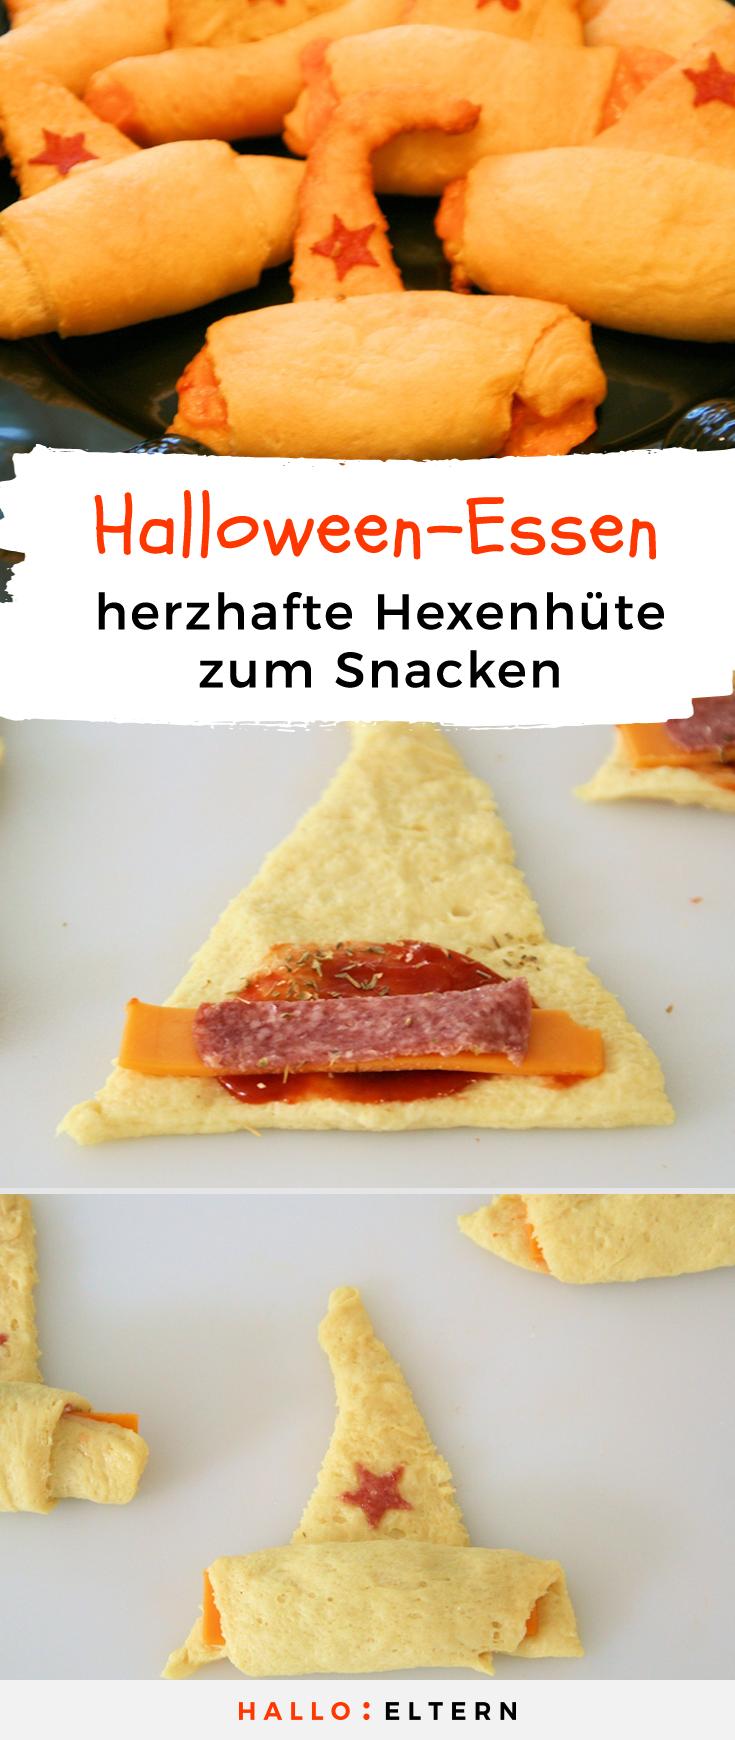 Halloween Essen Hexenhüte